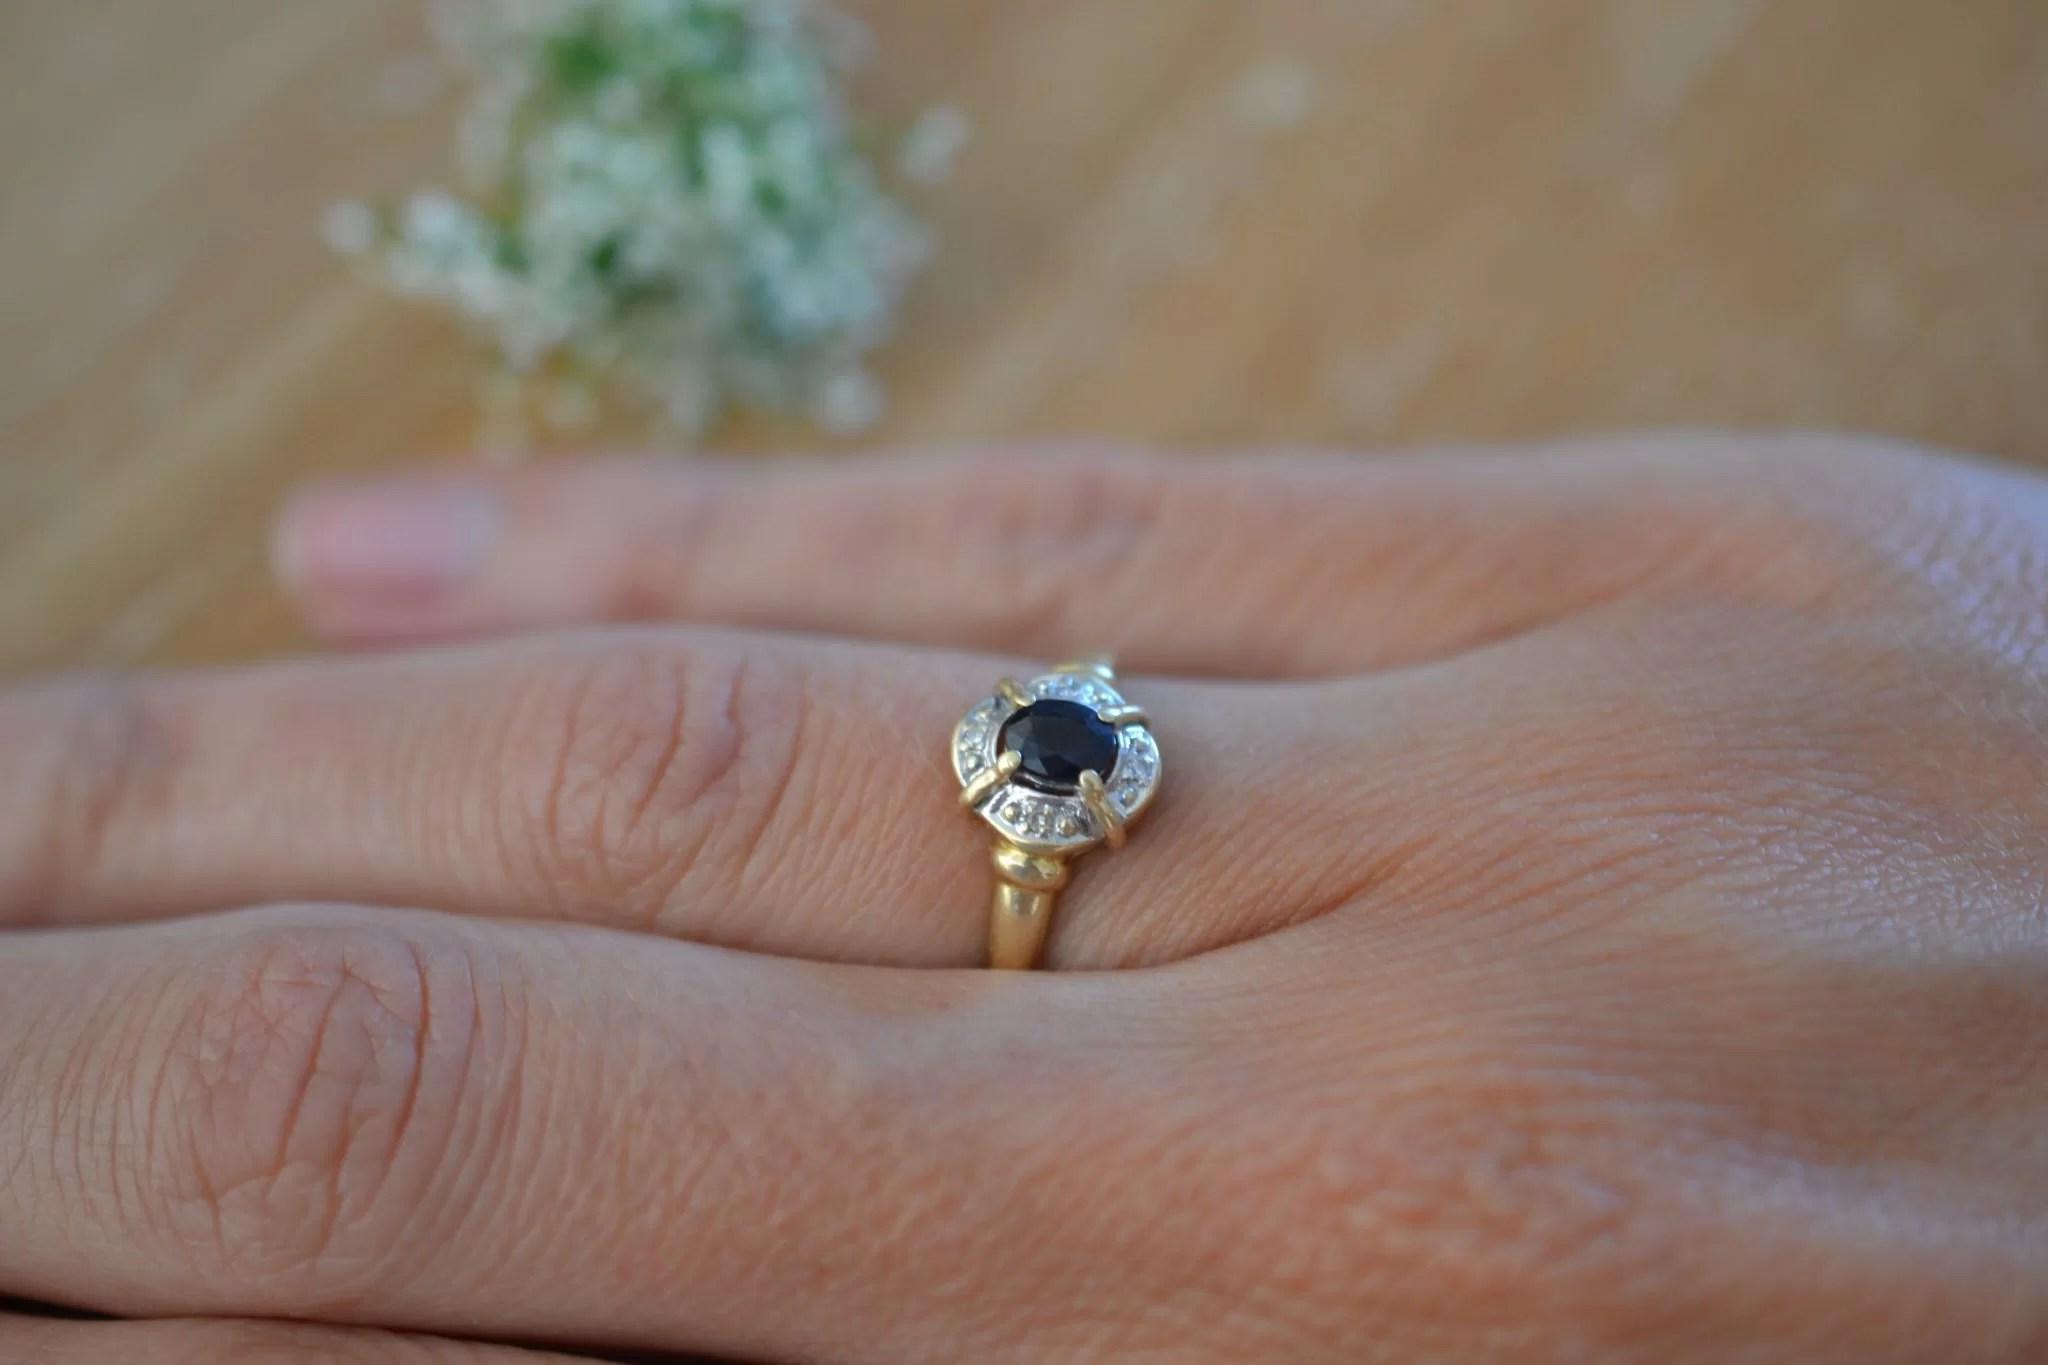 bague saphir et Or jaune et blanc pavage - bijou ancien - 18 carats 750/1000 - bijoux noircarat